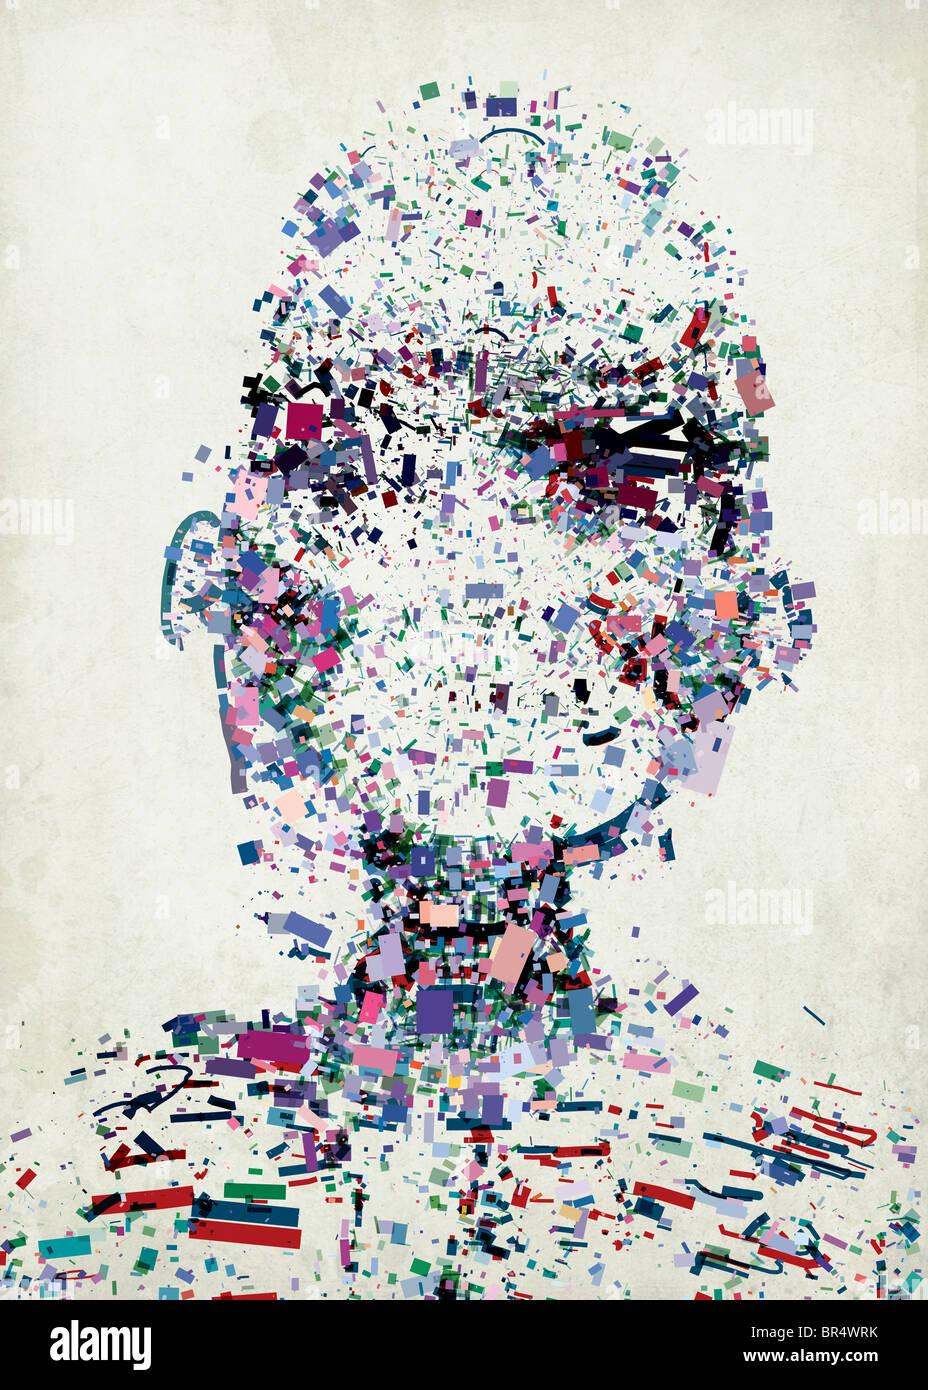 Una ilustración abstracta de una cabeza de personas compuesto por una colección de fragmentos coloridos Imagen De Stock